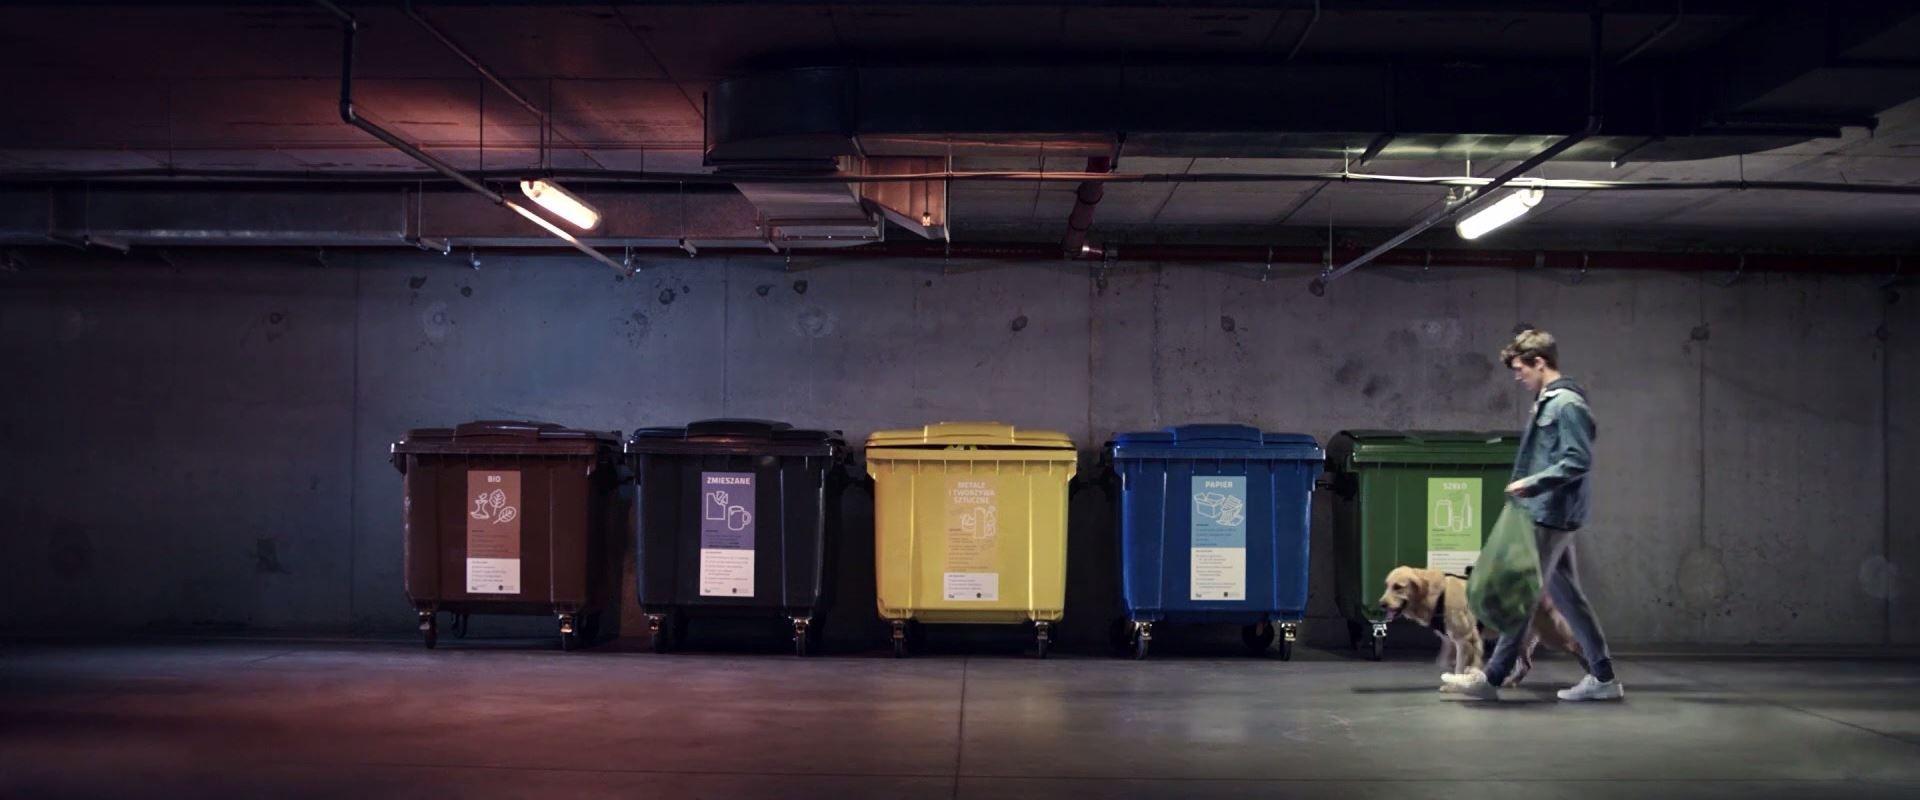 Wszyscy zapłacimy za swoje śmieci